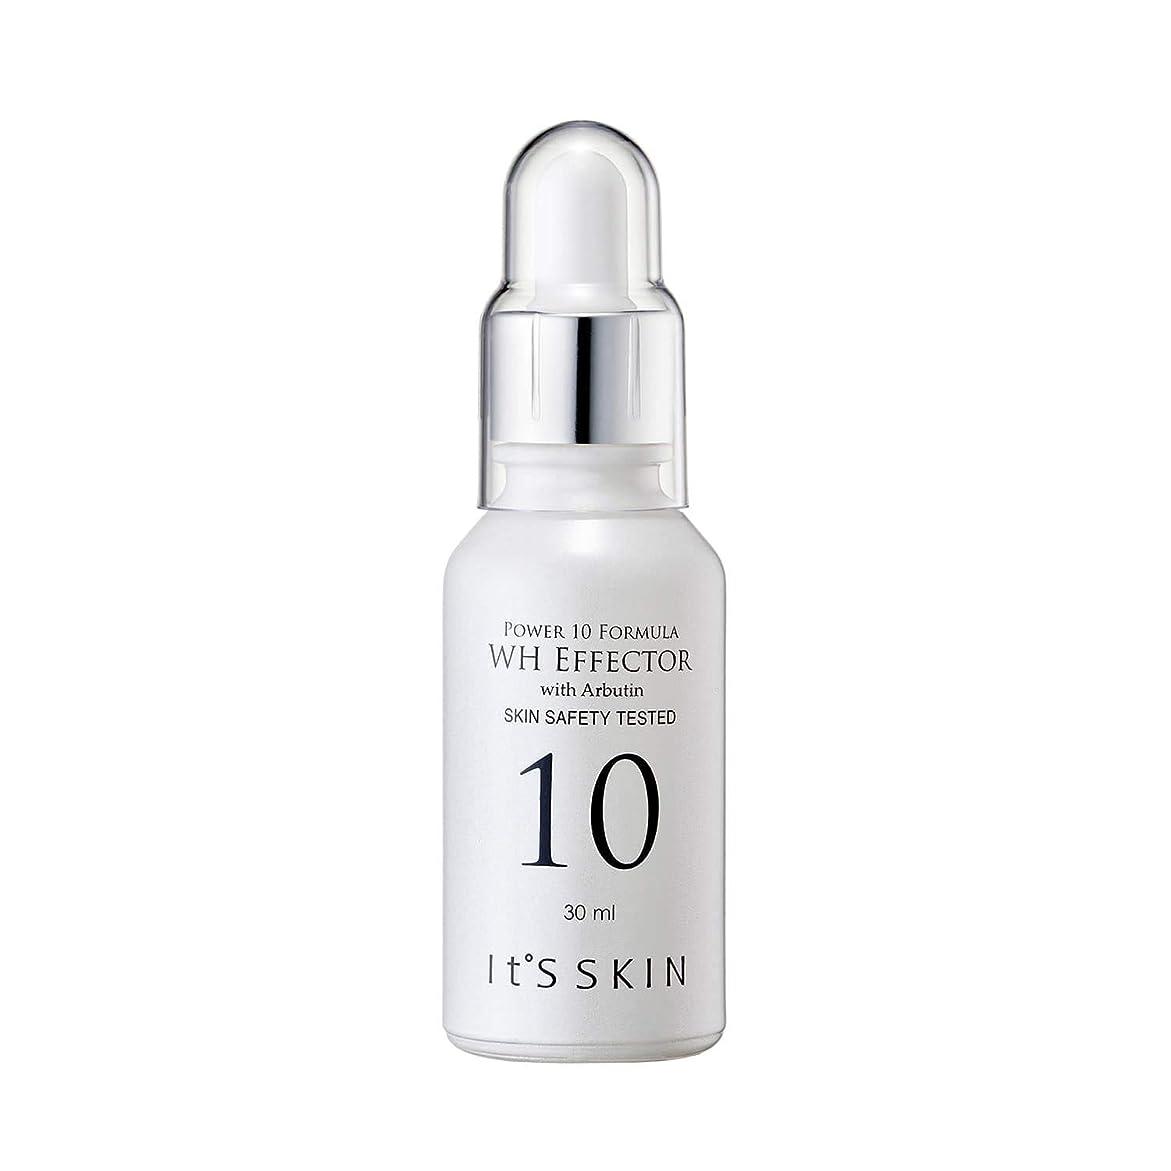 シール慢性的連続的イッツスキン (Its skin) Power 10 Formula - WH Effector (Whitening Serum) 30ml/1oz